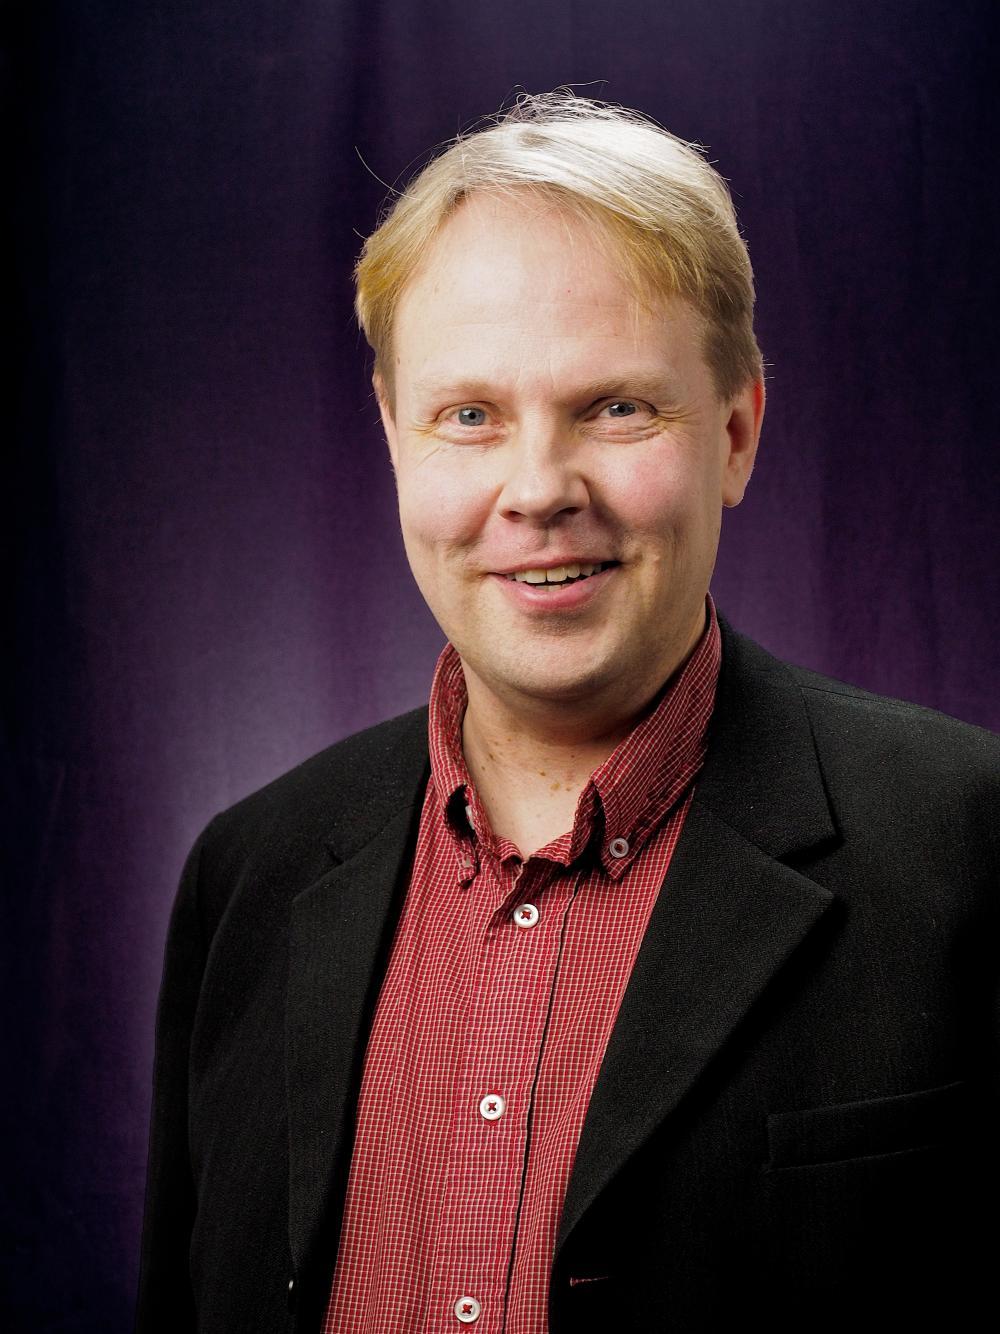 Mika Kyytinen